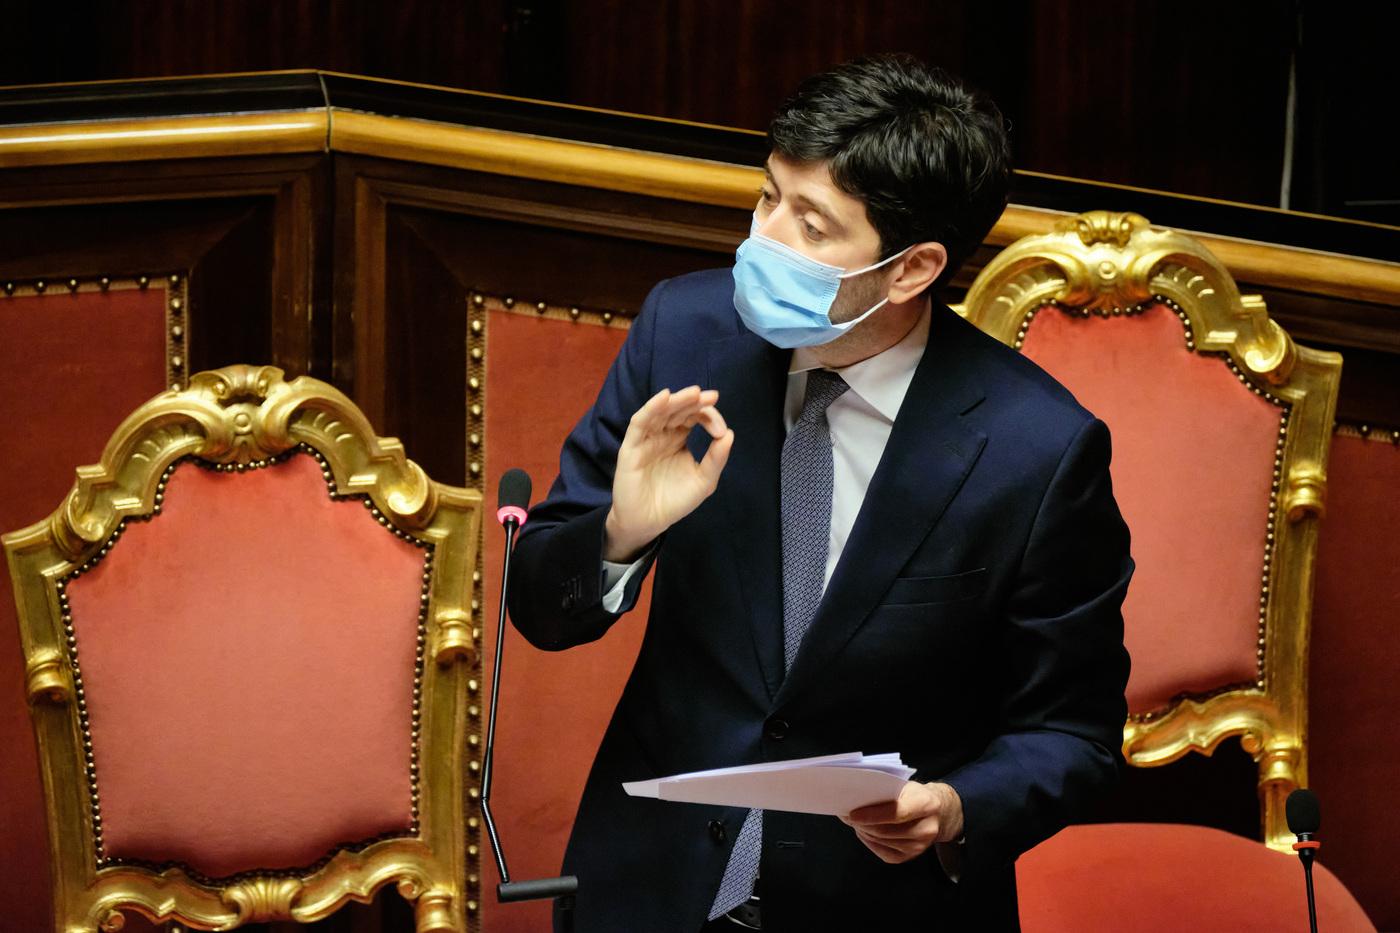 Senato - Informativa del Ministro Roberto Speranza sulle misure di contenimentoper evitare la diffusione del COVID-19